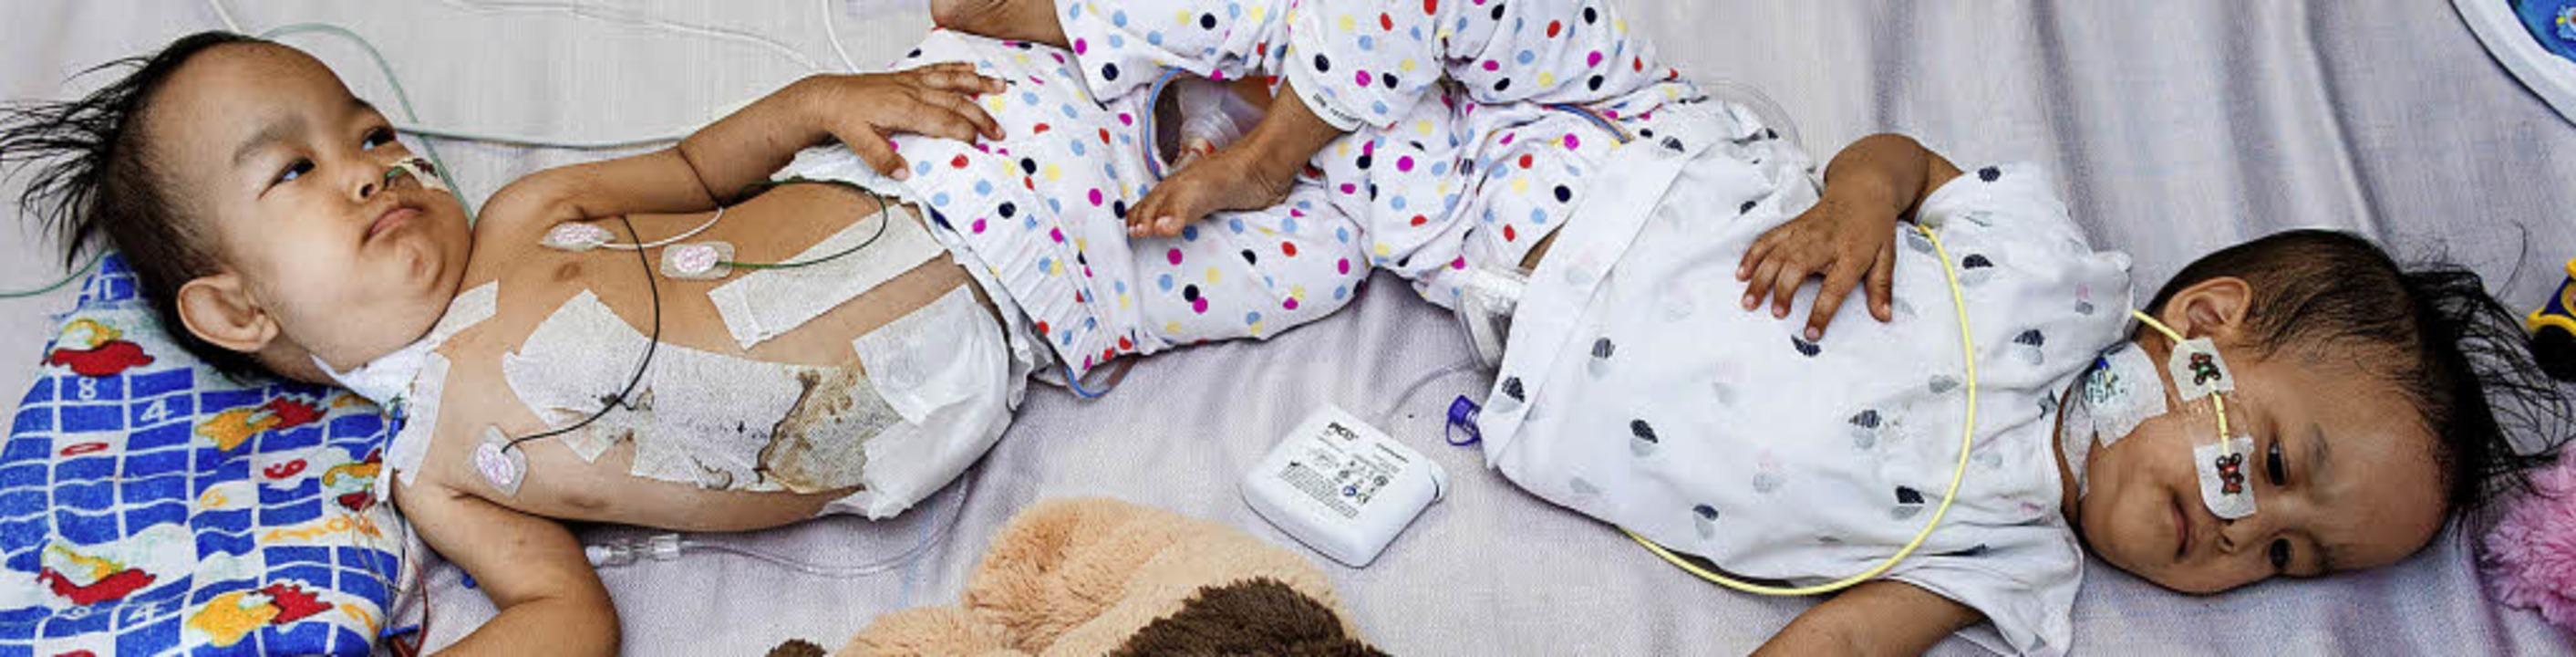 Die Siamesischen Zwillinge Nima und Da...hlafen weiter lieber zusammen im Bett.    Foto: dpa